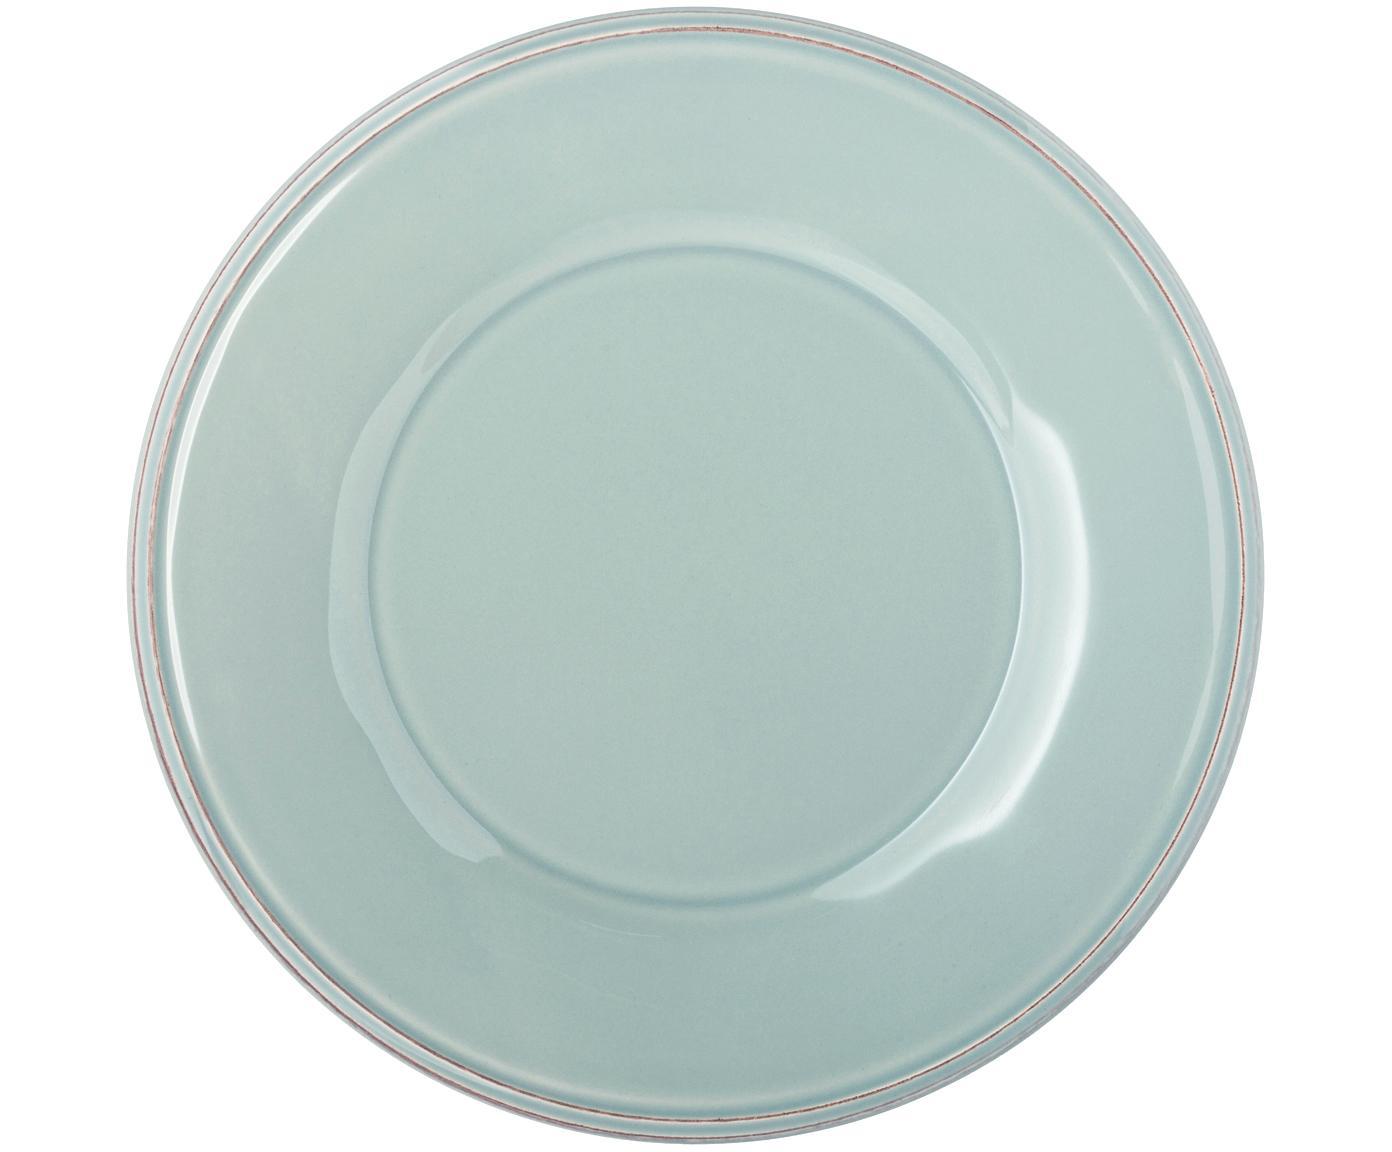 Piatto da colazione menta Constance 2 pz, Ceramica, Blu, turchese, Ø 24 cm